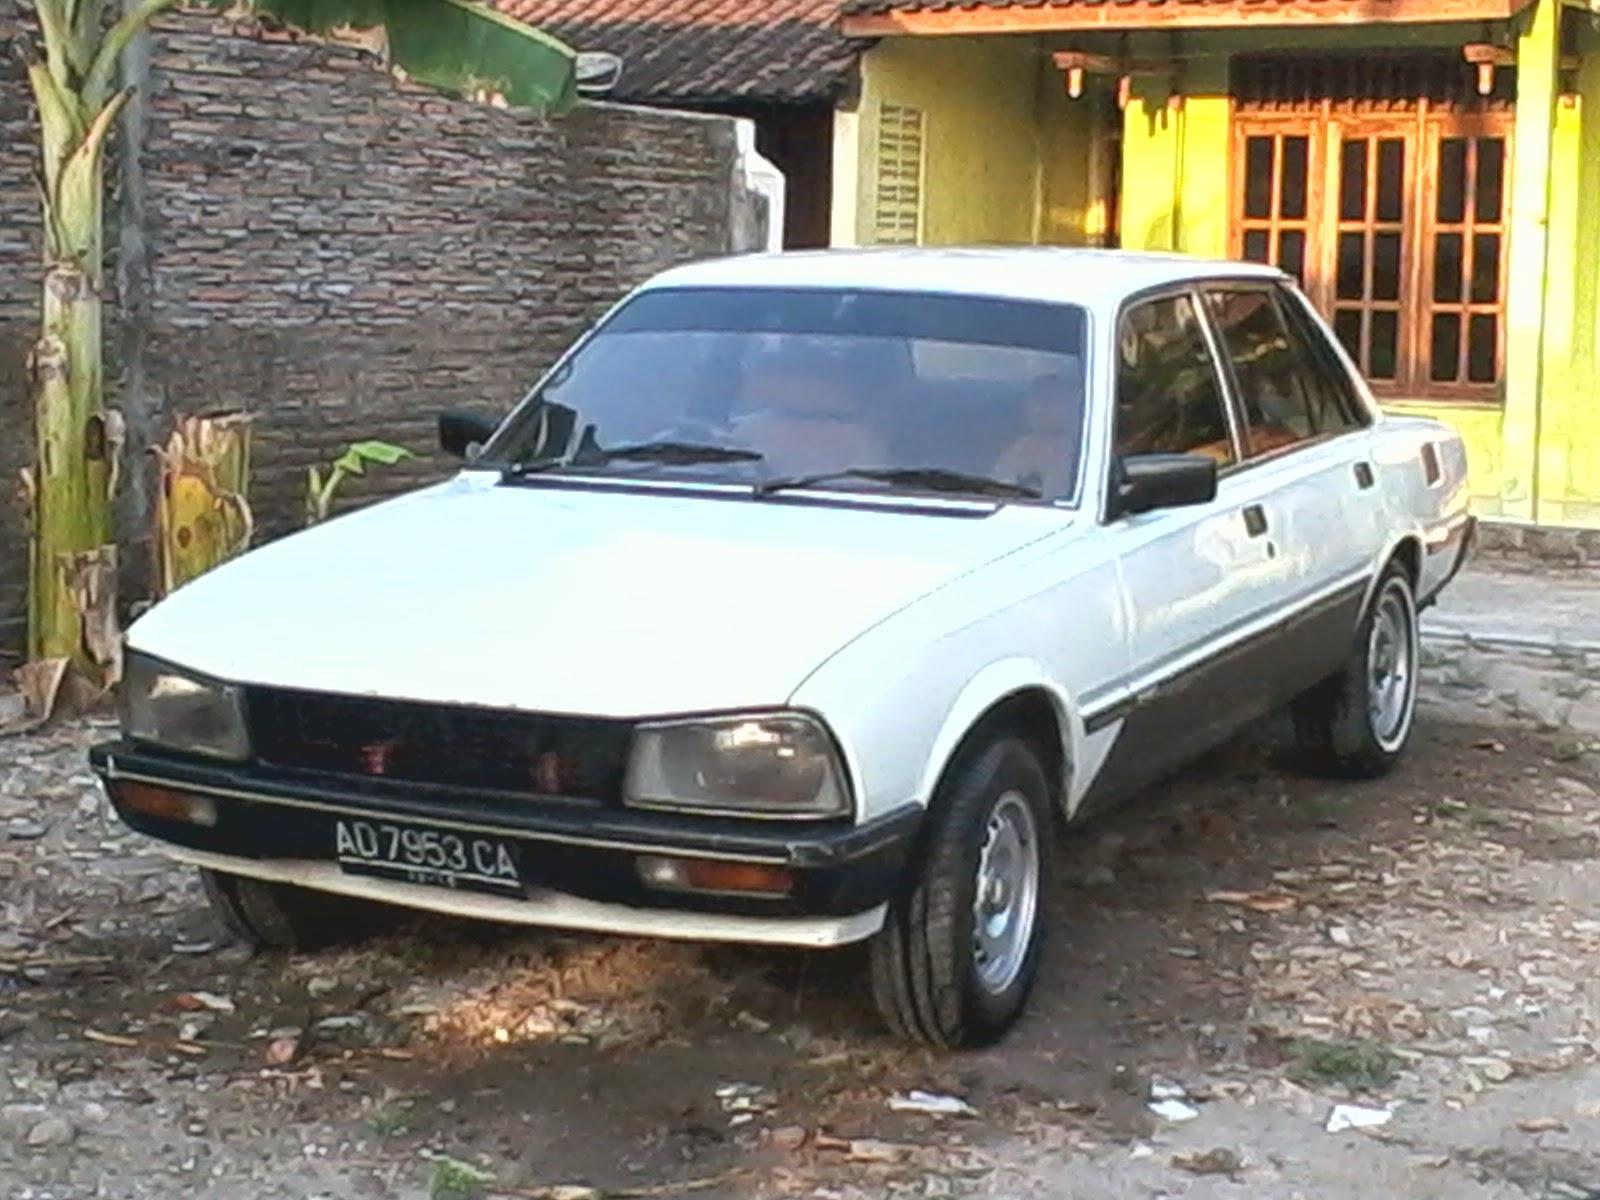 Jual Beli Mobil Bekas Murah Peugeot 505 GR 1982